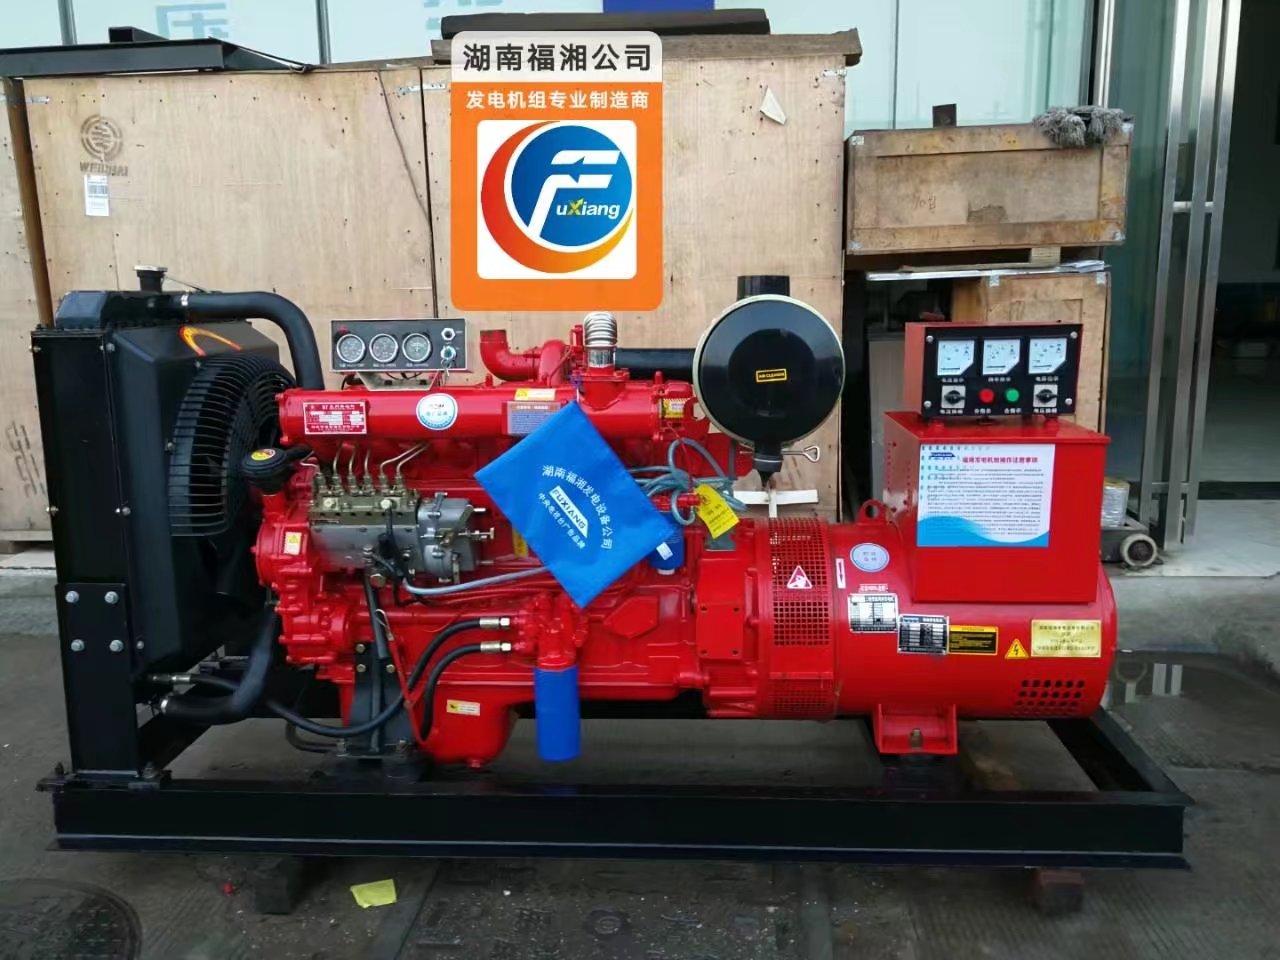 长沙潍柴动力博杜安发电机组厂家供货-专业的潍柴动力博杜安发电机组